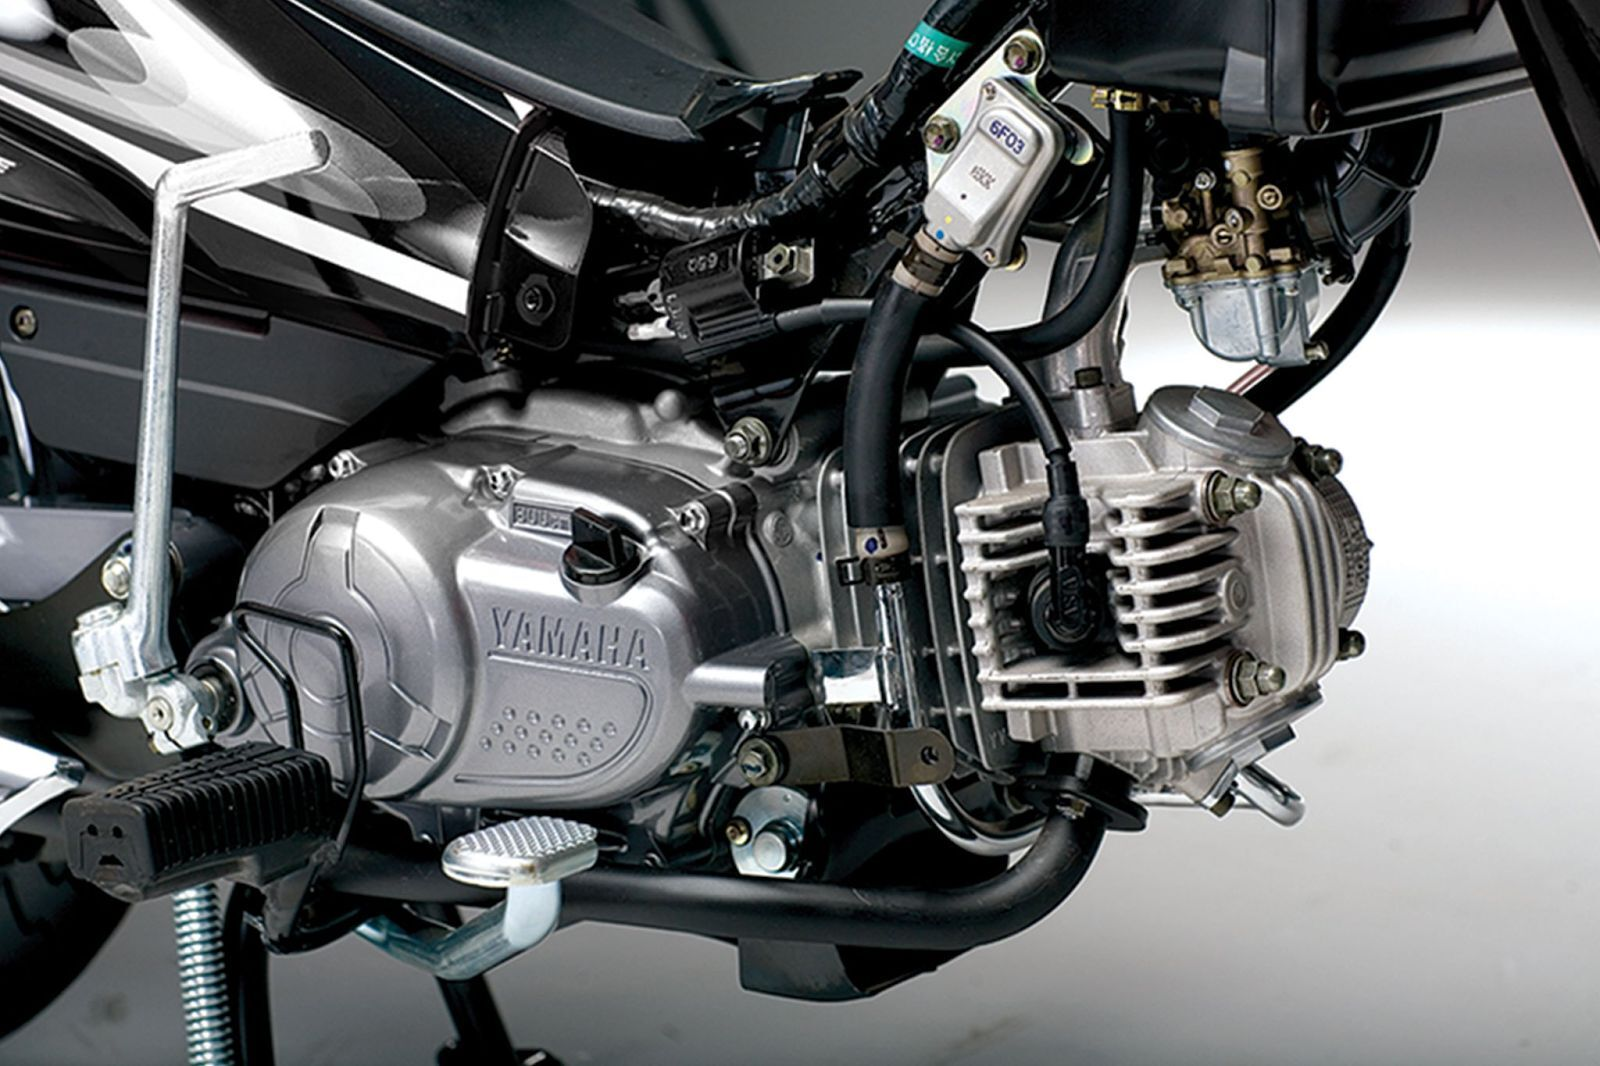 Xe máy Yamaha Jupiter FI GP thiết kế trẻ trung, năng động